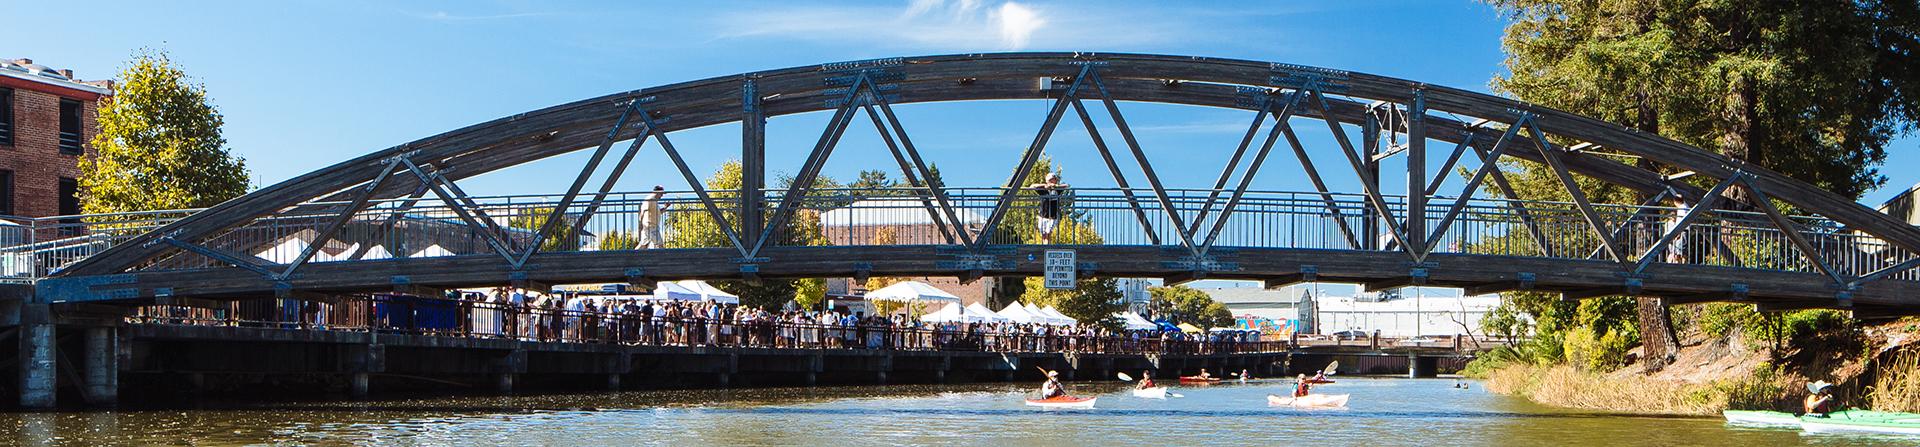 photo of bridge in Petaluma